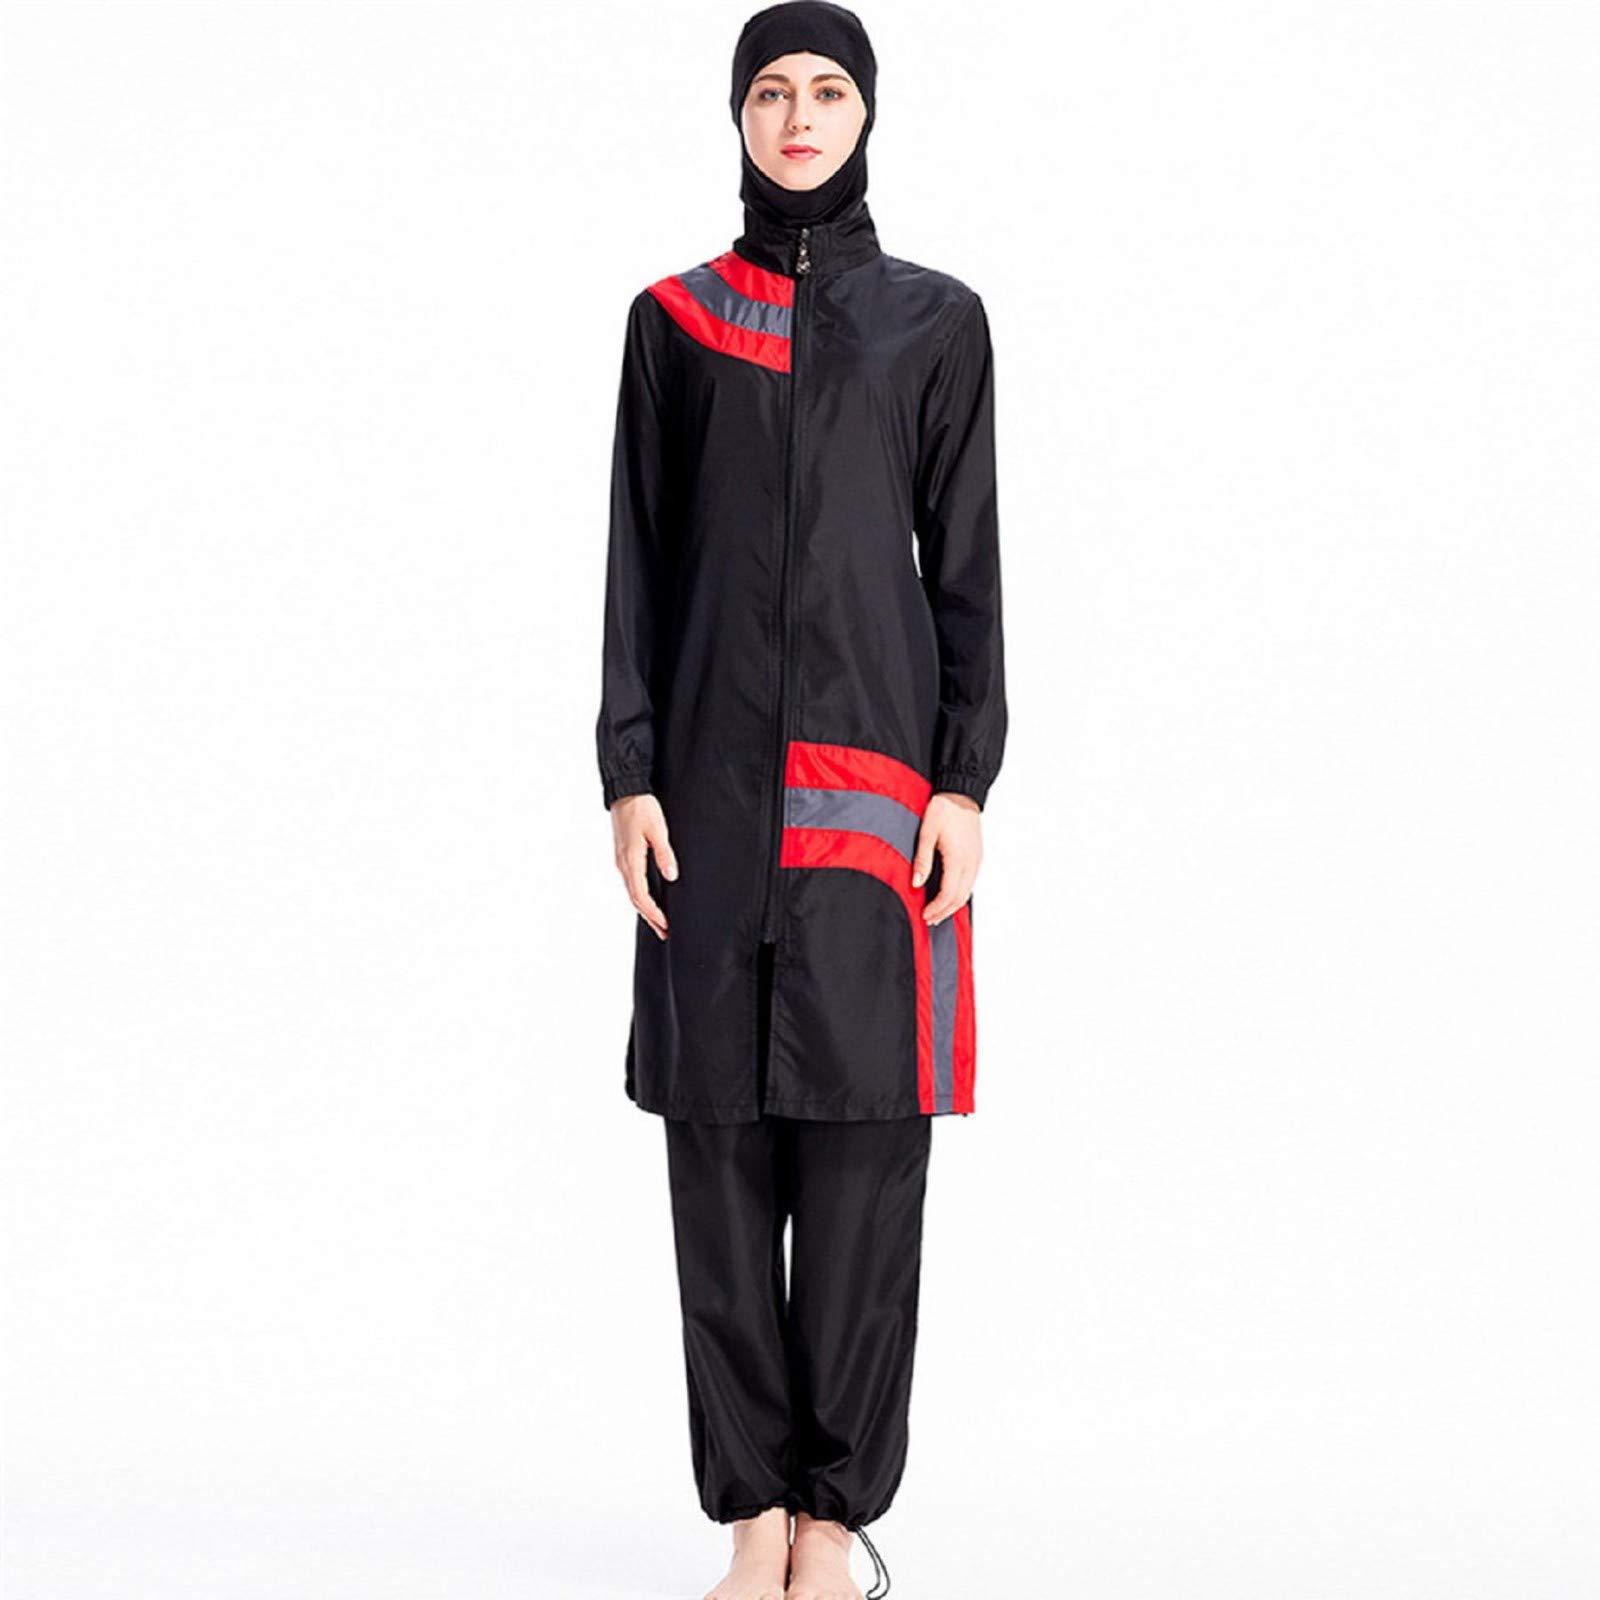 Swimwear Swimsuits for Women,Women Muslim Bathing Suit + Cap + Pants by GUTTEAR